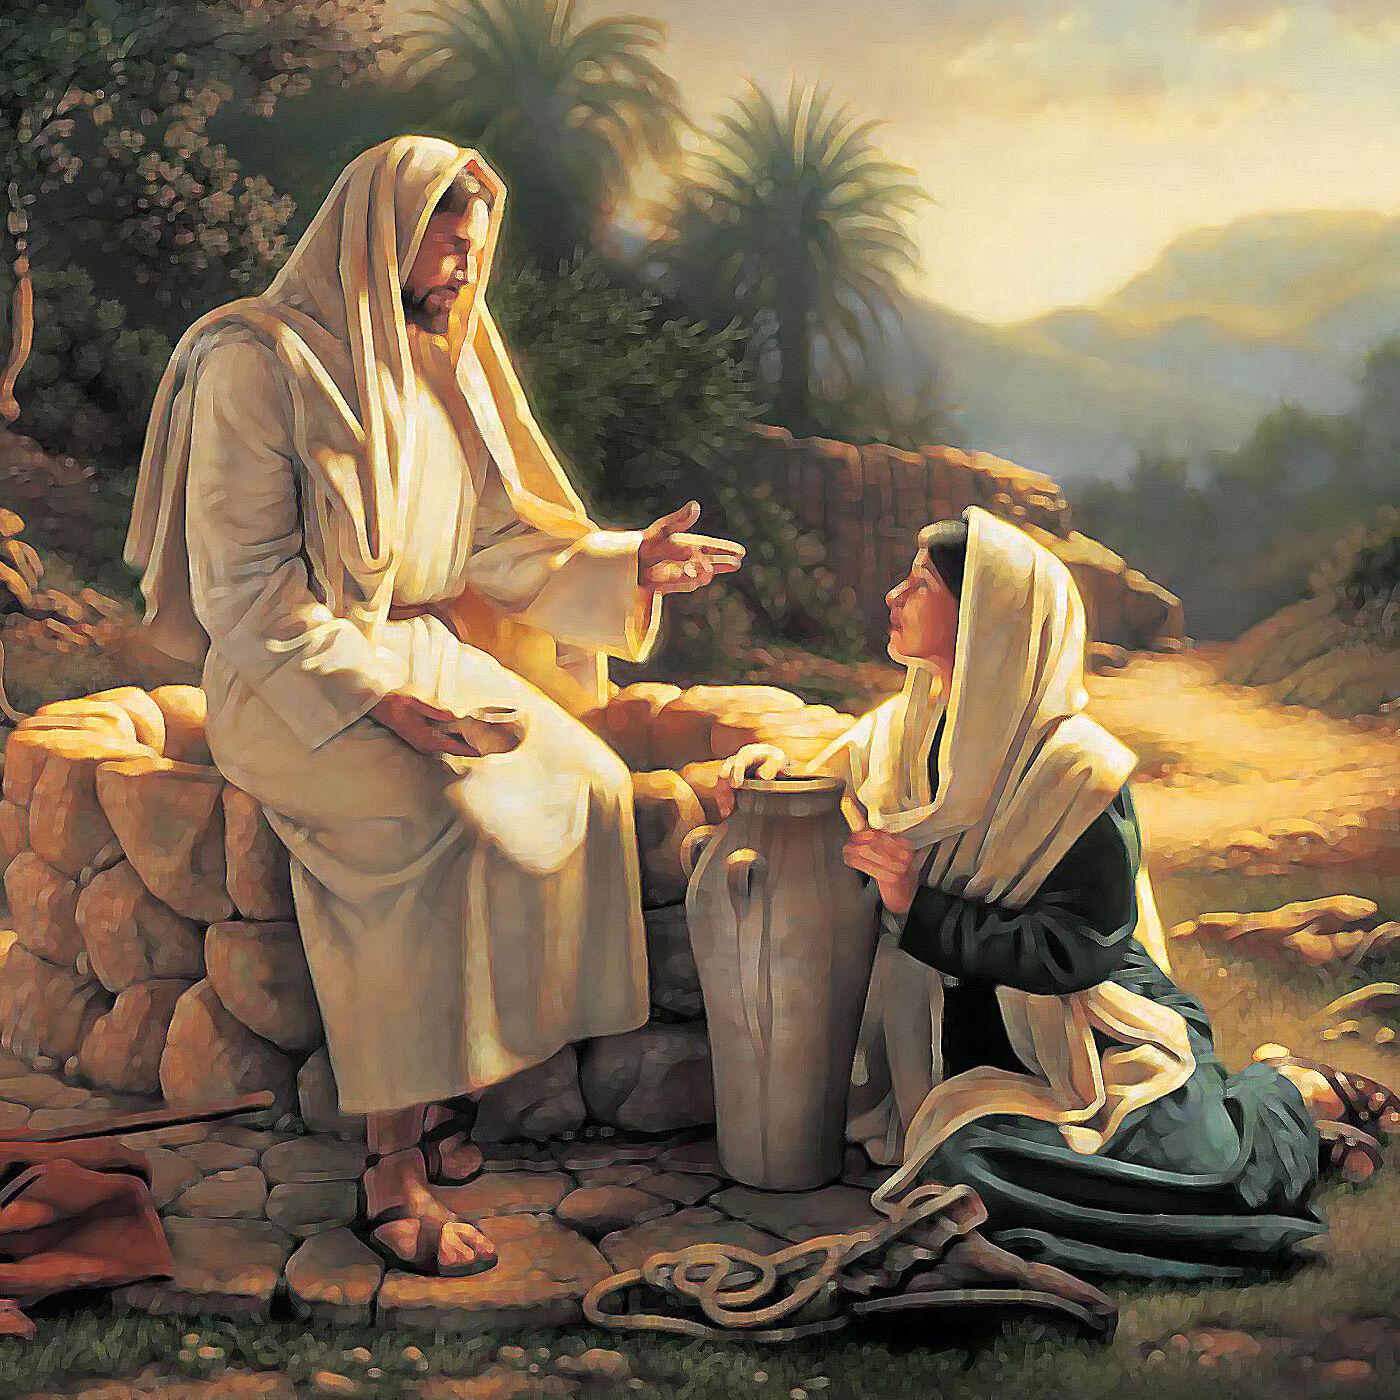 riflessioni sul Vangelo di Venerdì Santo 2 Aprile 2021 (Gv 18, 1 -19, 42)